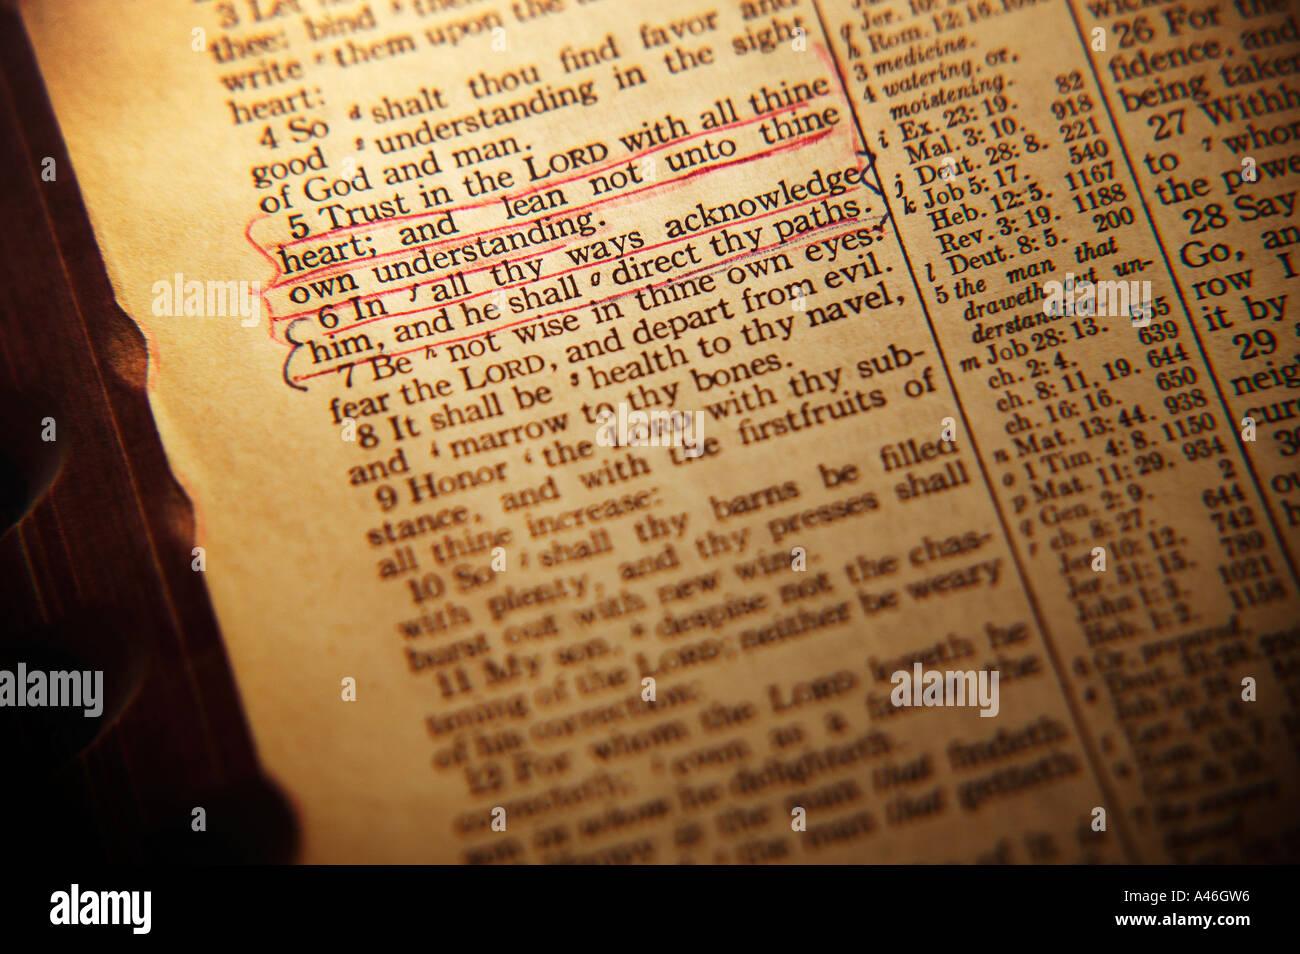 Bible Verse Stock Photos & Bible Verse Stock Images - Alamy